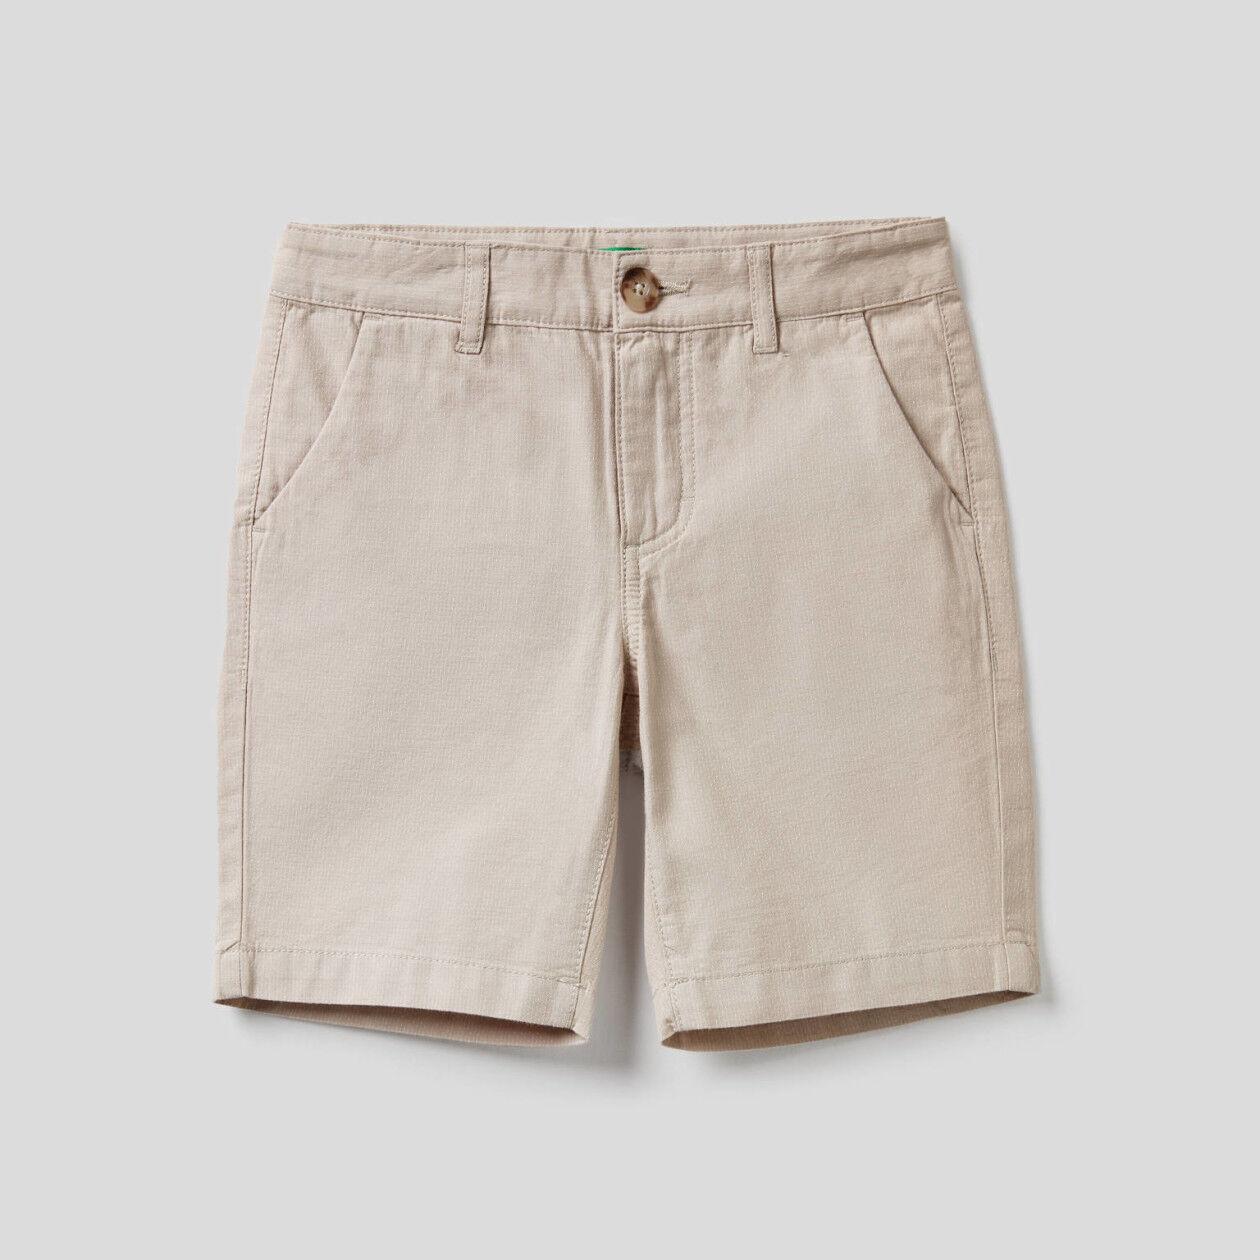 Bermudas de 100 % algodón teñido en hilo